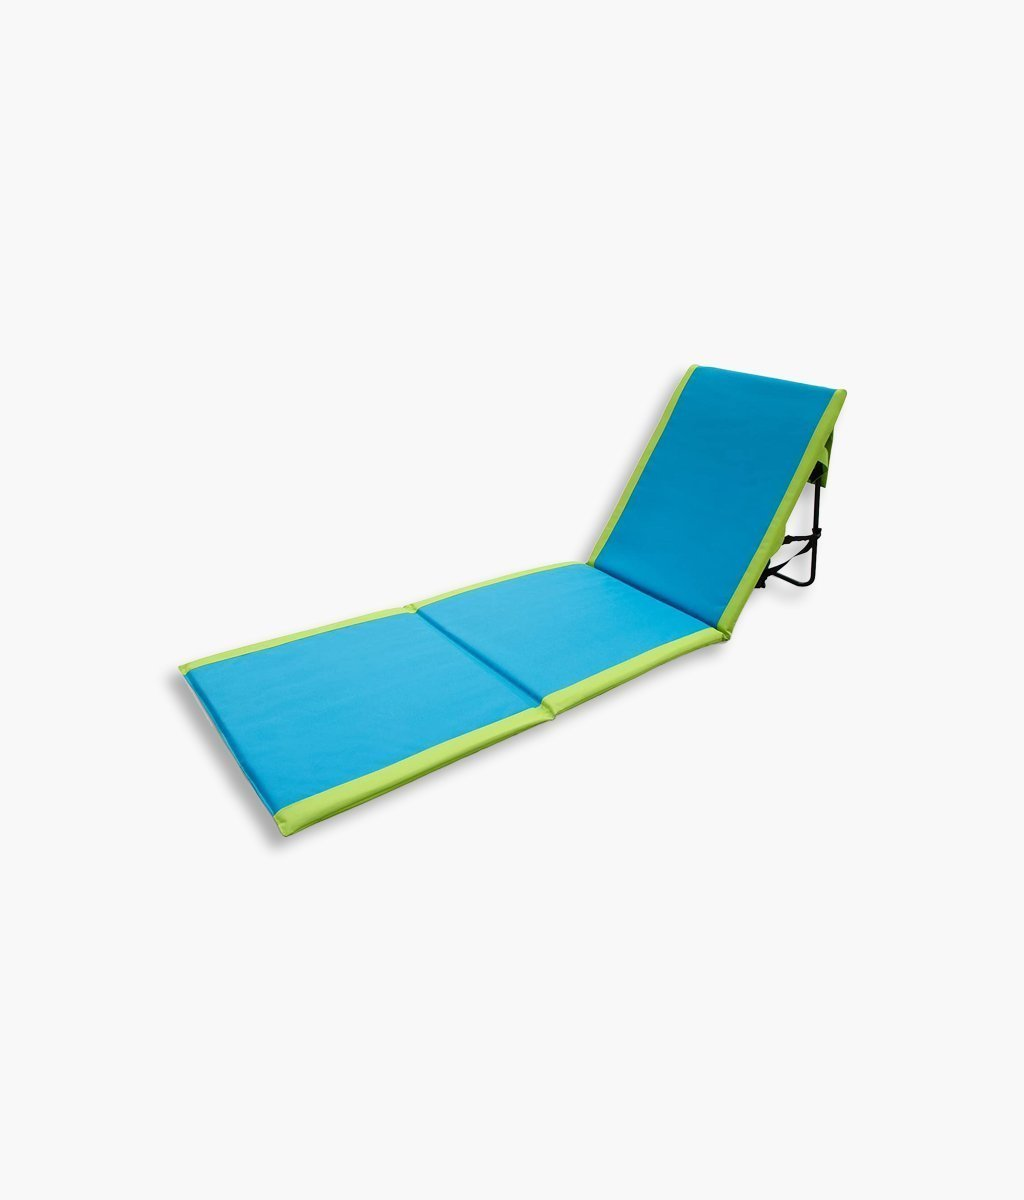 Portable Beach Mat & Chair